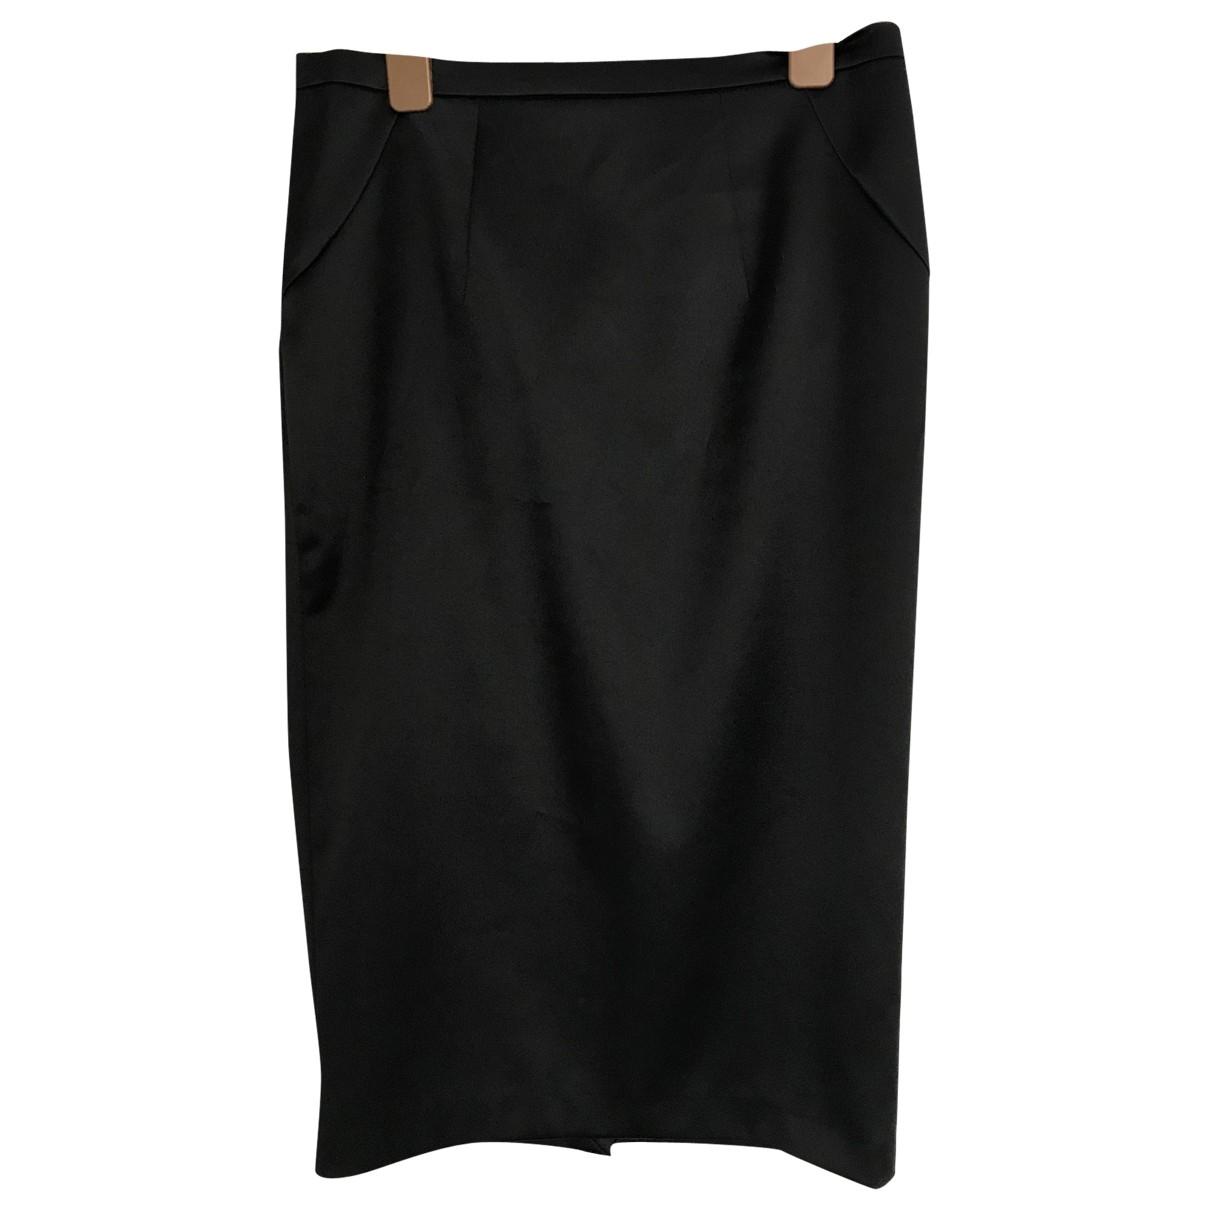 D&g \N Black skirt for Women 10 UK